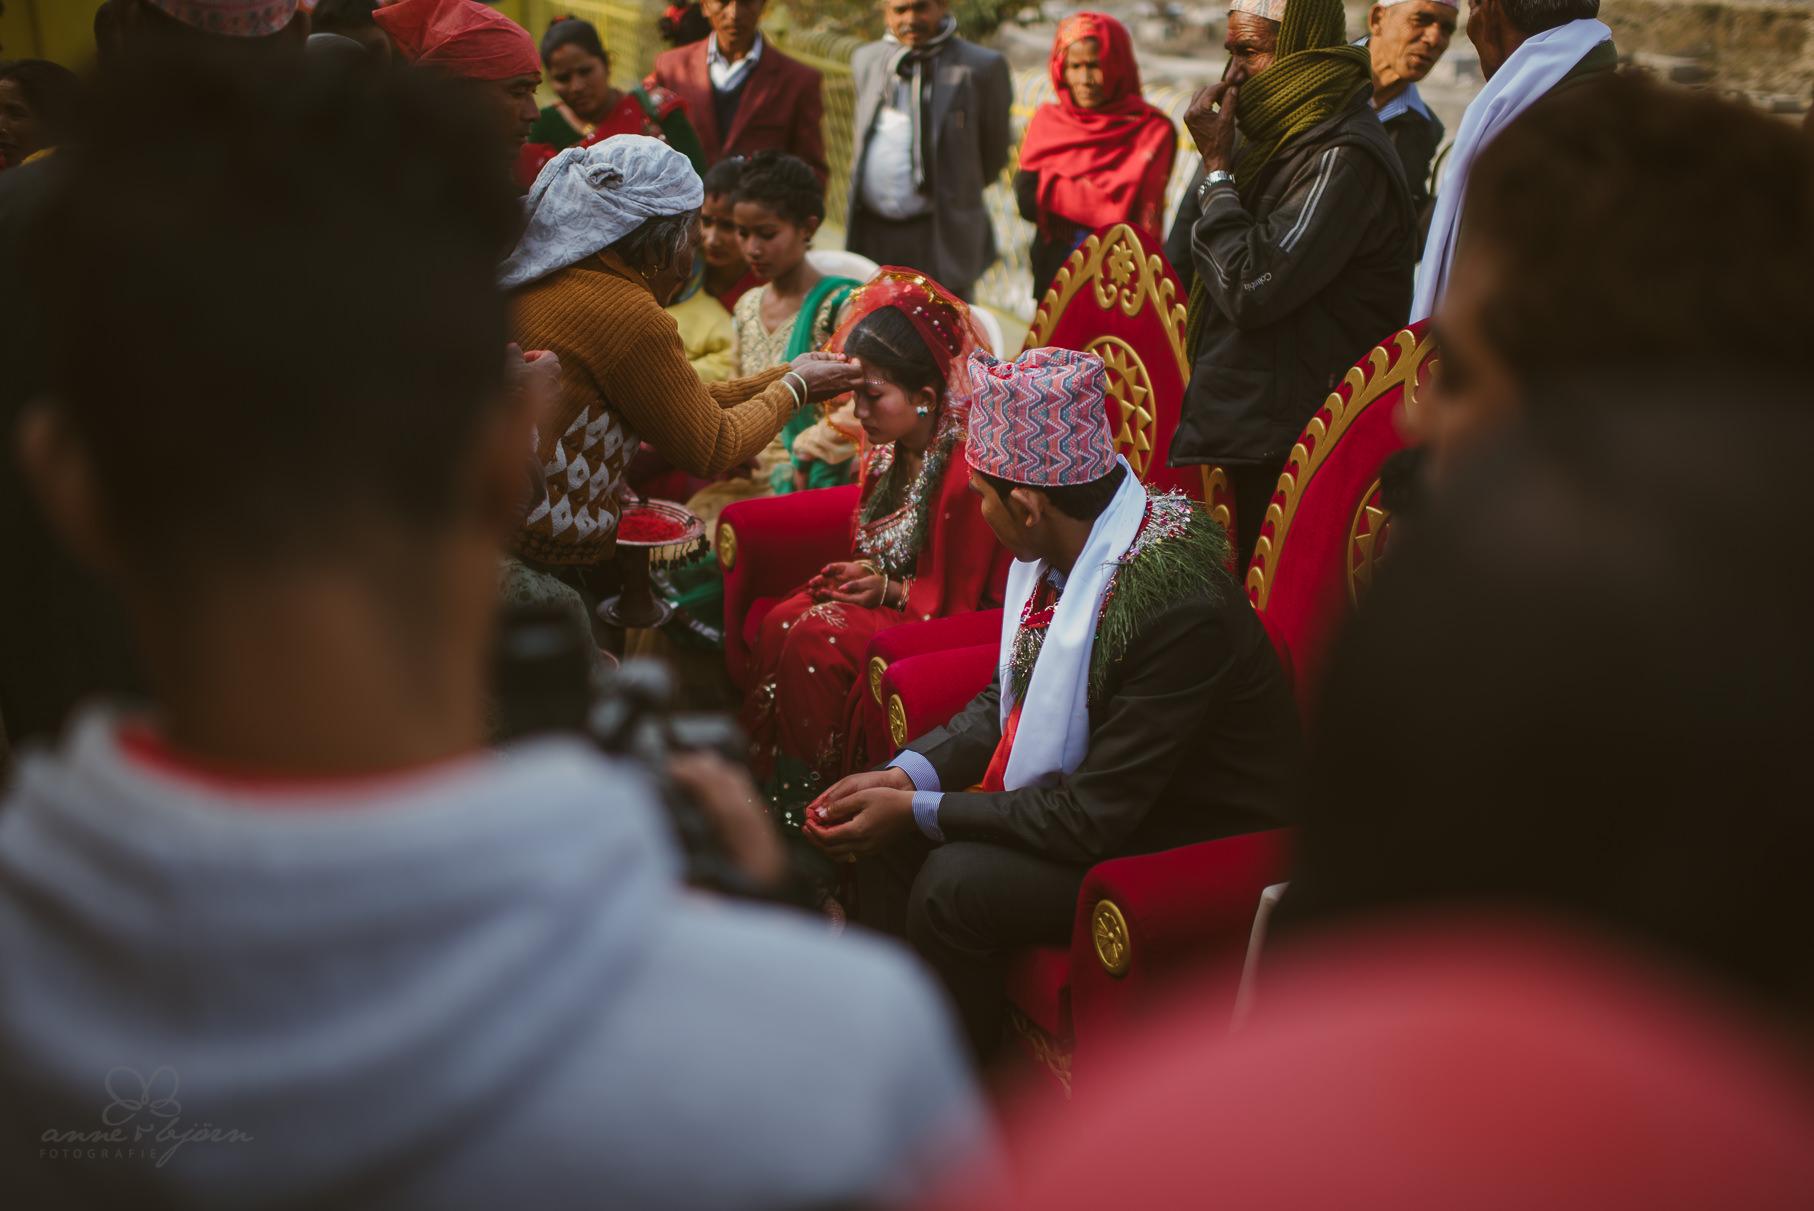 0028 anne und bjoern chitwan nationalpark nepal d75 3915 2 - Nepal Teil 3 - Roadtrip, Chitwan Nationalpark und eine spontane Hochzeit